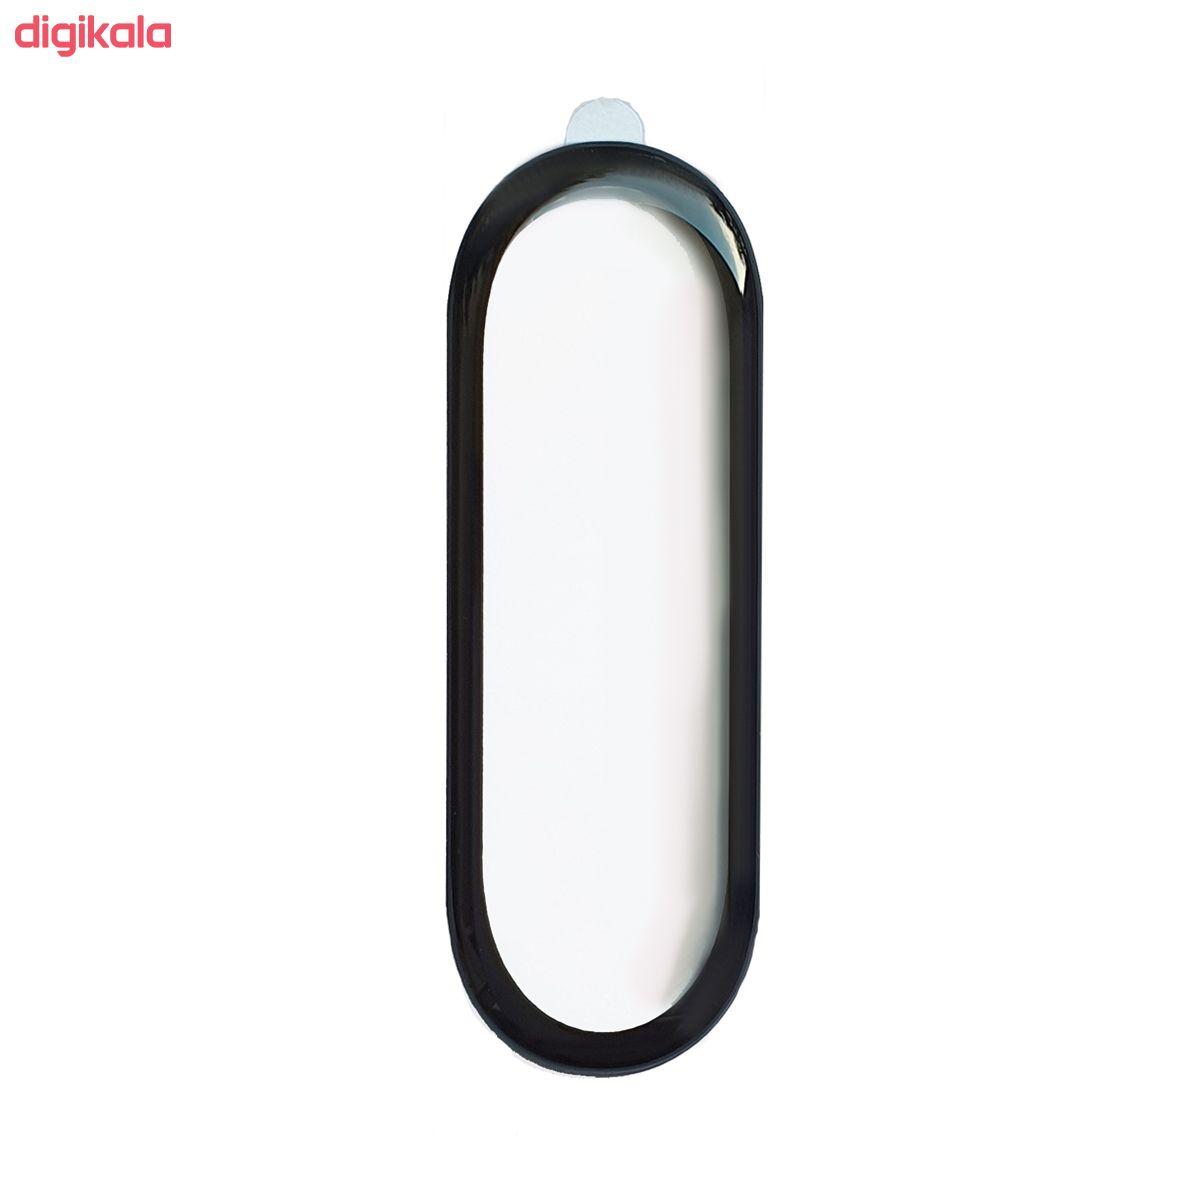 محافظ صفحه نمایش مدل K09 مناسب برای مچ بند هوشمند شیائومی Mi Band 5 main 1 1